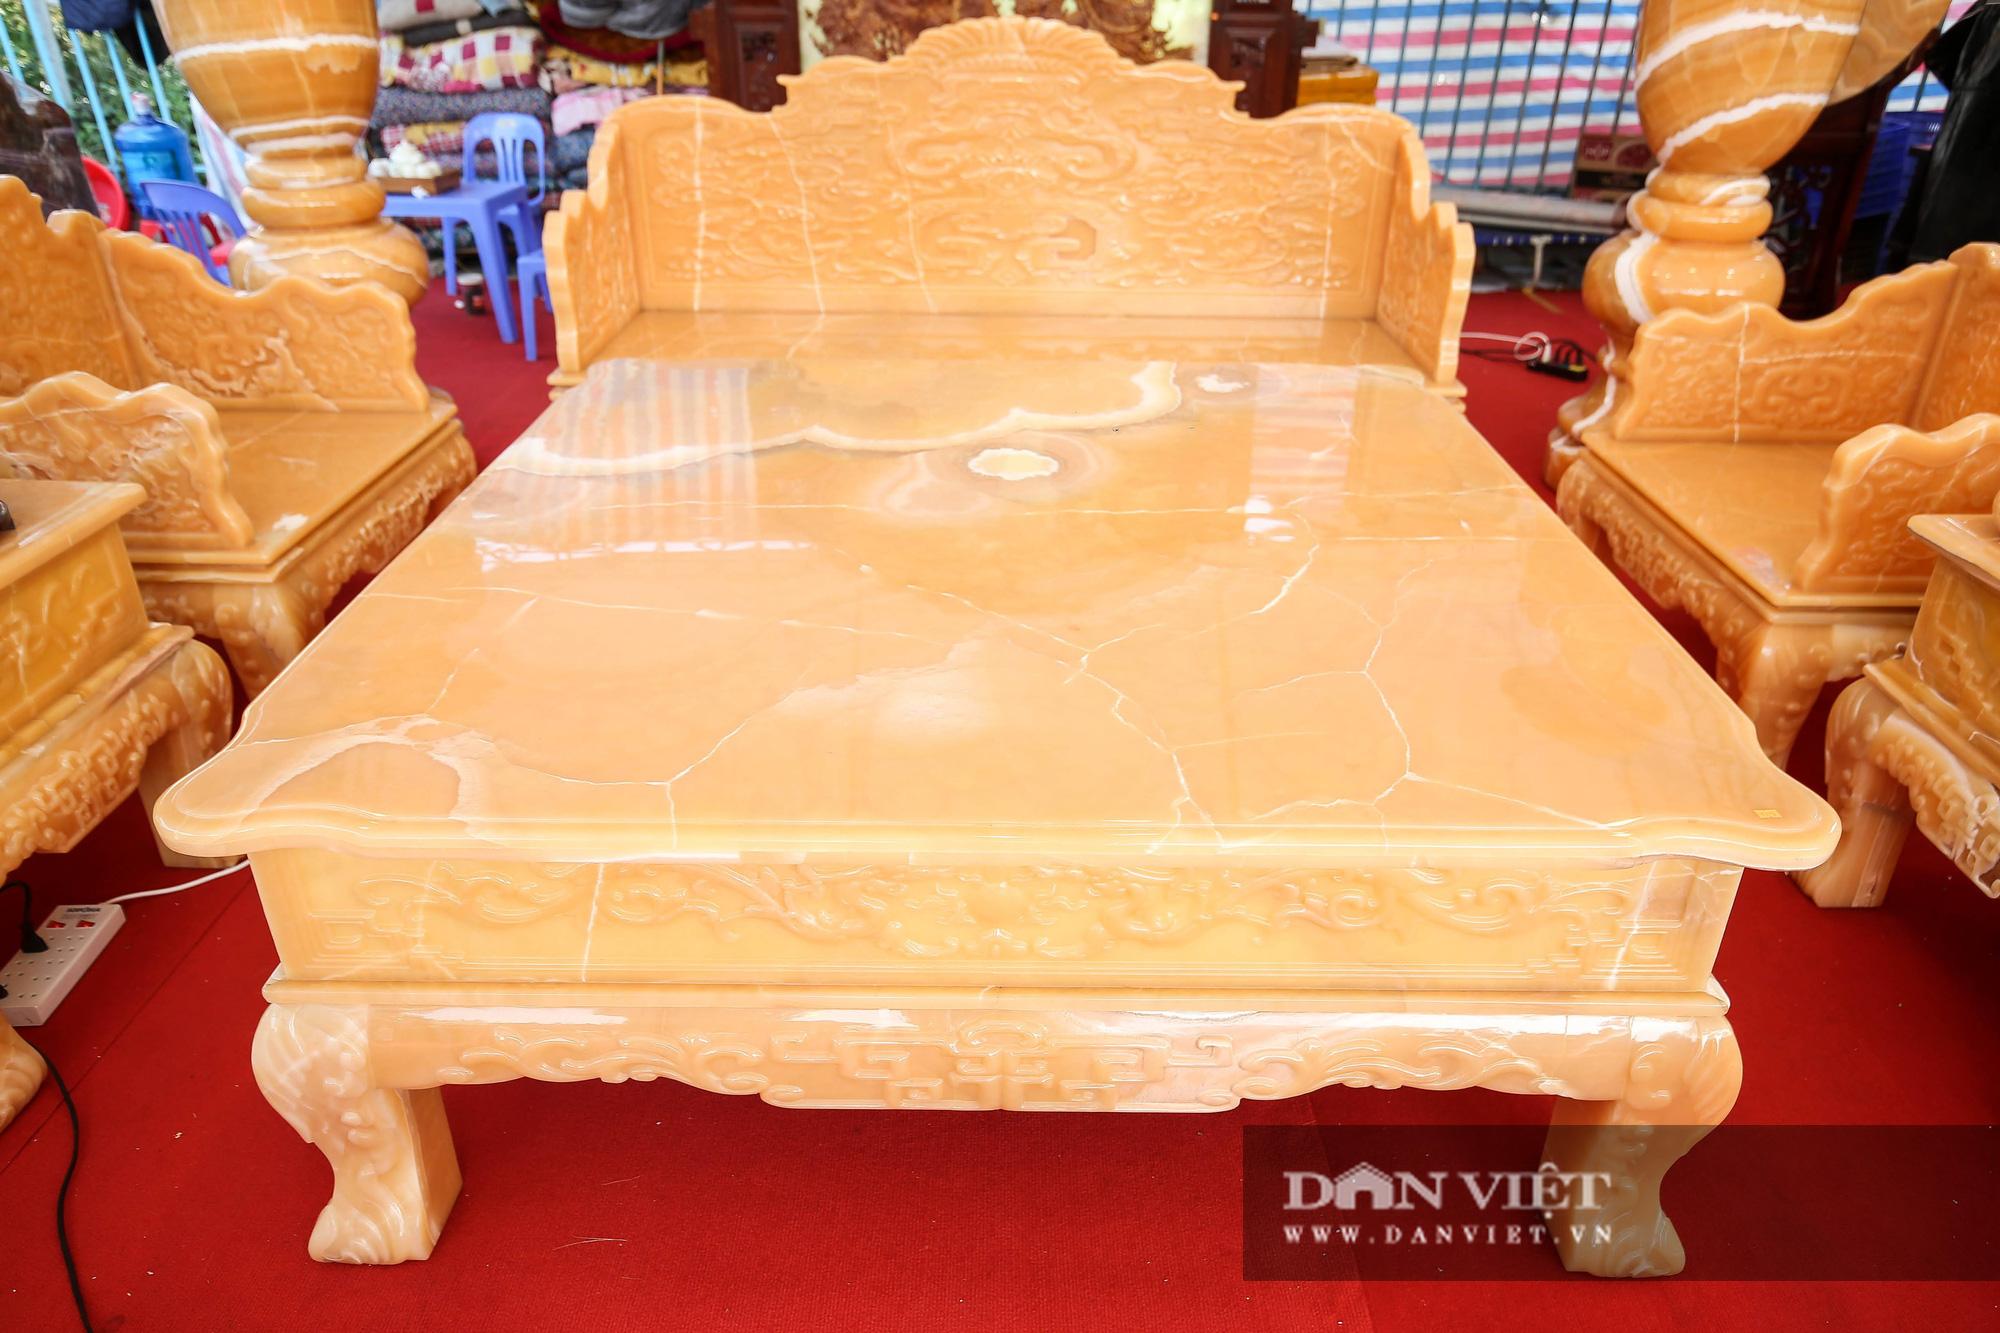 Xôn xao bộ bàn ghế làm bằng ngọc Hoàng Long giá tiền tỷ tại Hà Nội - Ảnh 3.